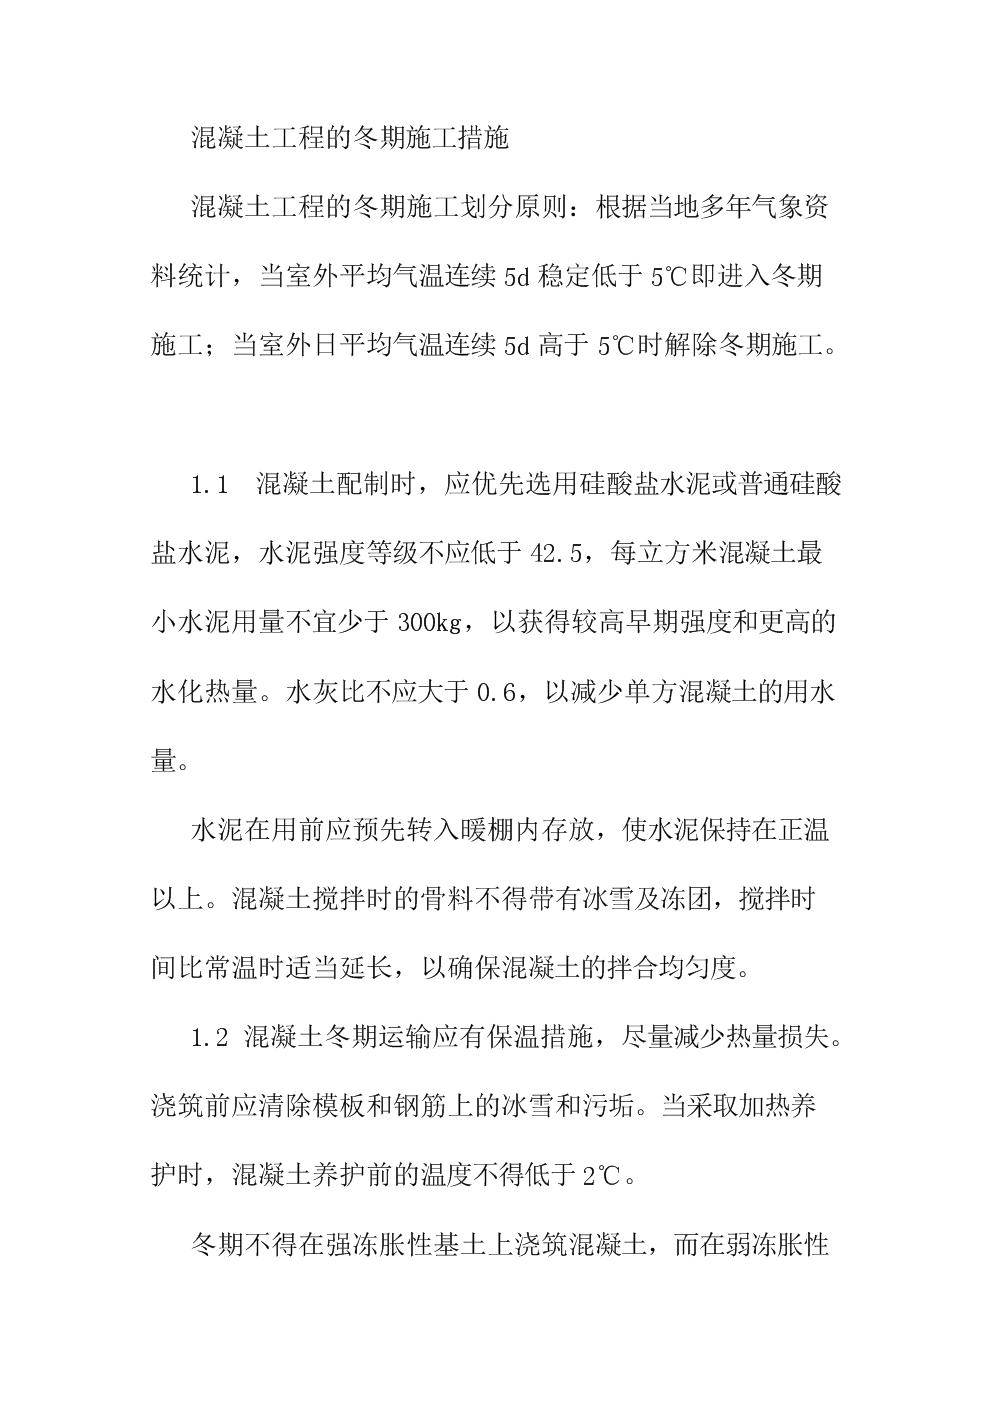 混凝土工程的冬期施工措施资料.doc